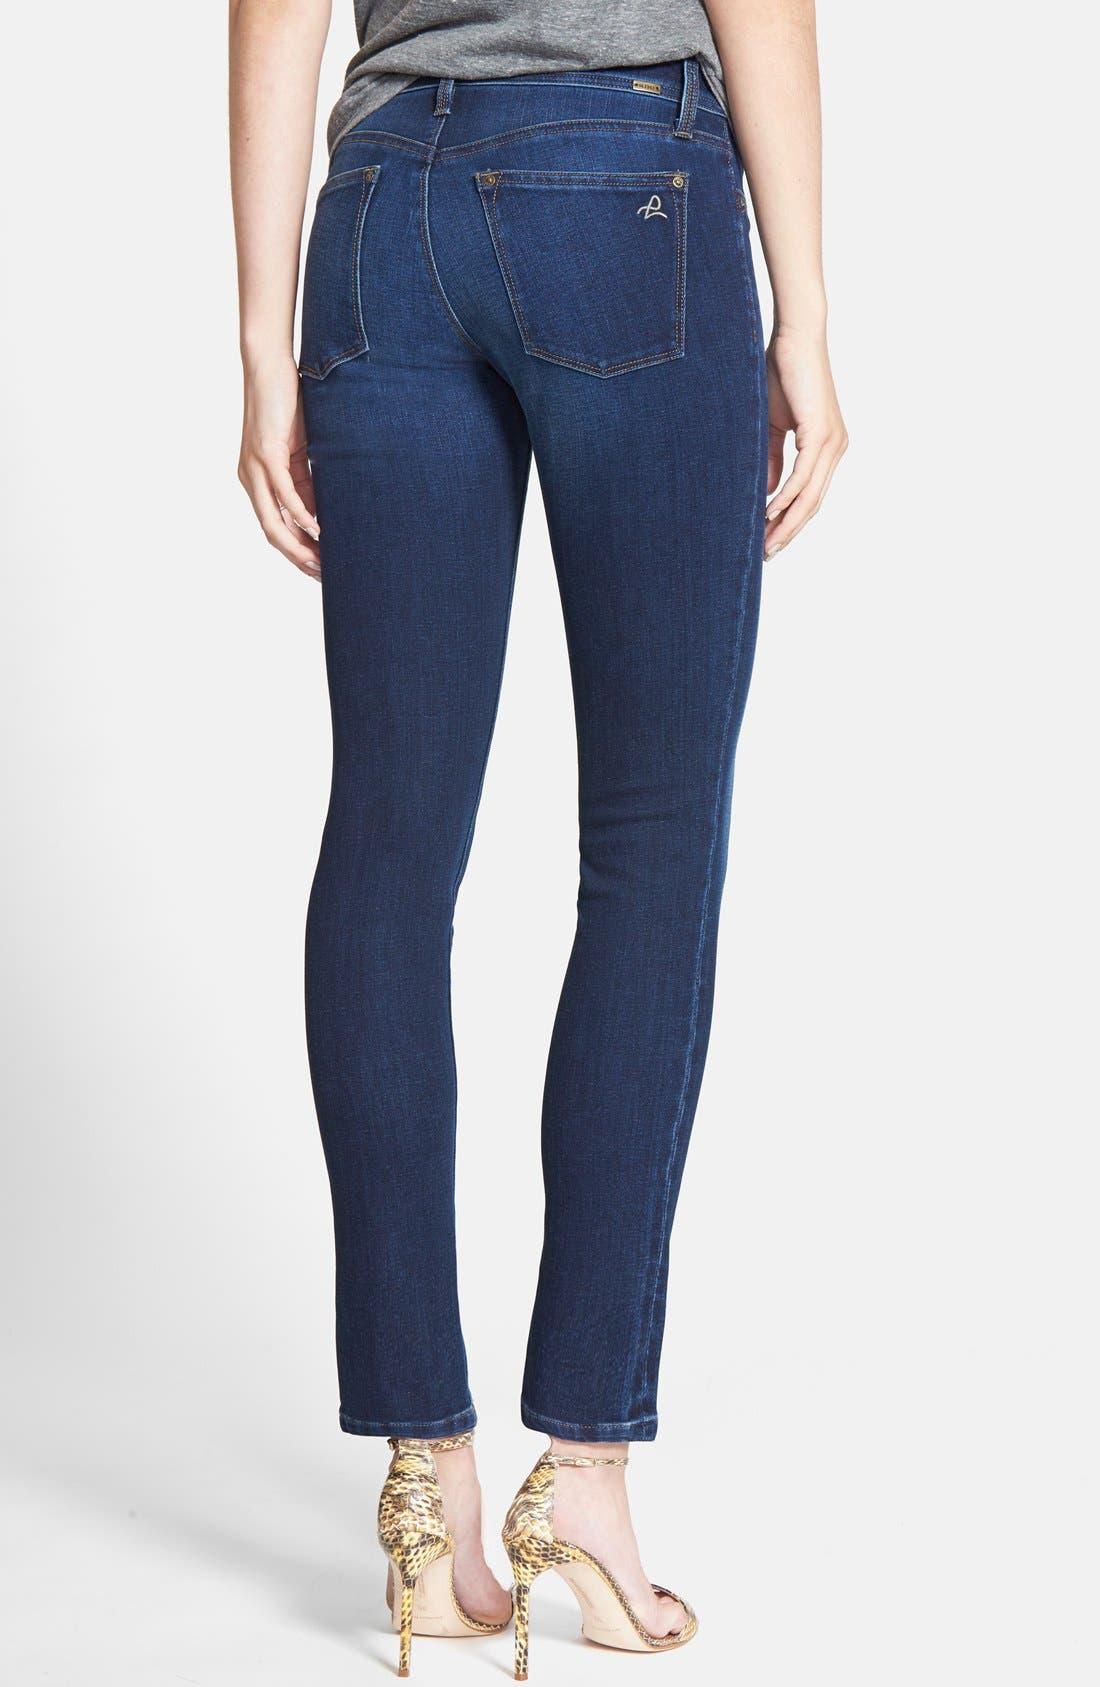 Alternate Image 2  - DL1961 'Emma' Power Legging Jeans (Albany)